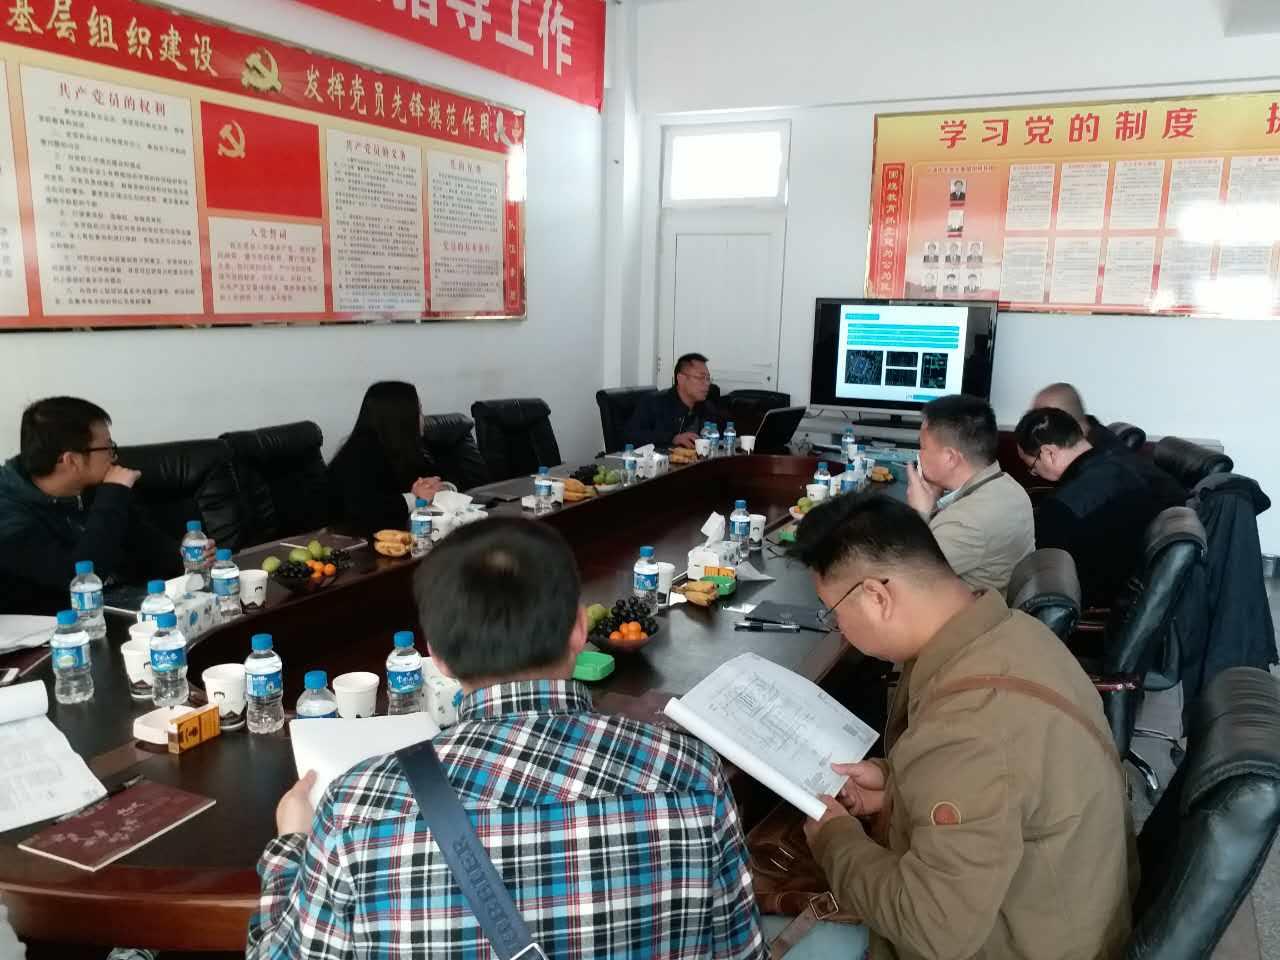 云南省设计院集团副院长邓宏旭领导一行人莅临汉工钢构装配式建筑工地(竣工)考察